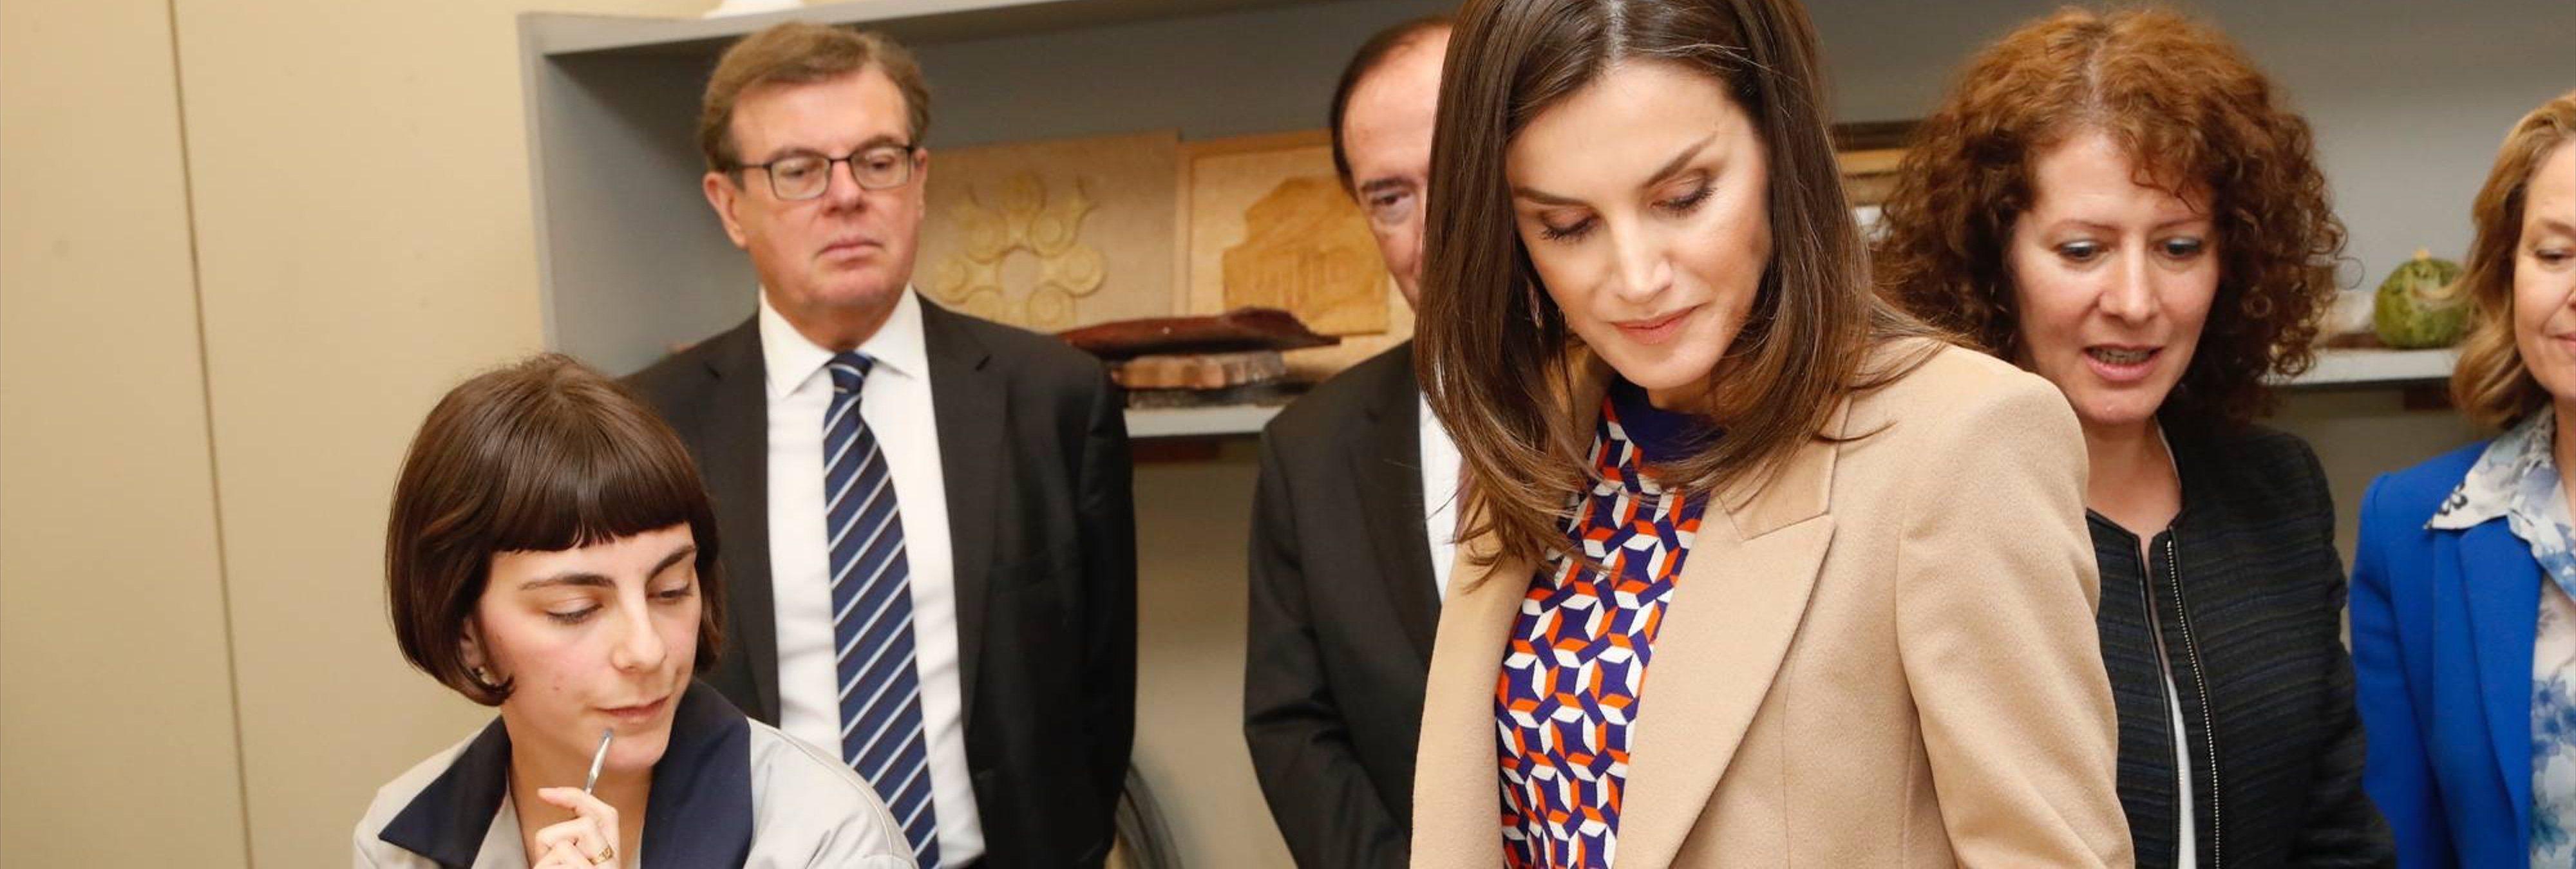 """La prepotencia de la Reina Letizia con una alumna: """"No me cuentes esto otra vez"""""""